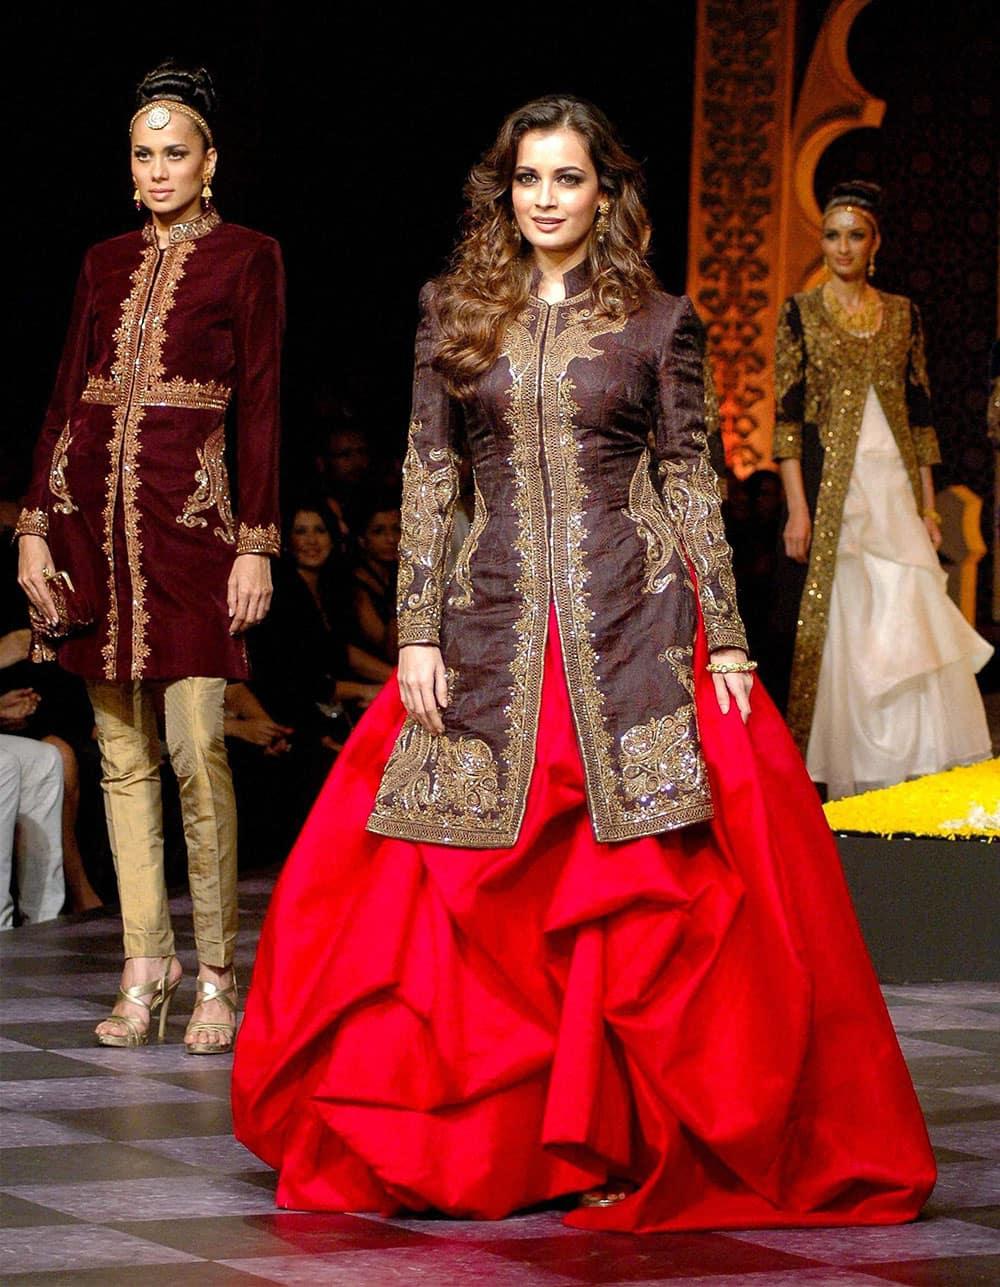 Bollywood actress Dia Mirza at the ramp during the India Bridal Fashion Week 2013 in Mumbai.